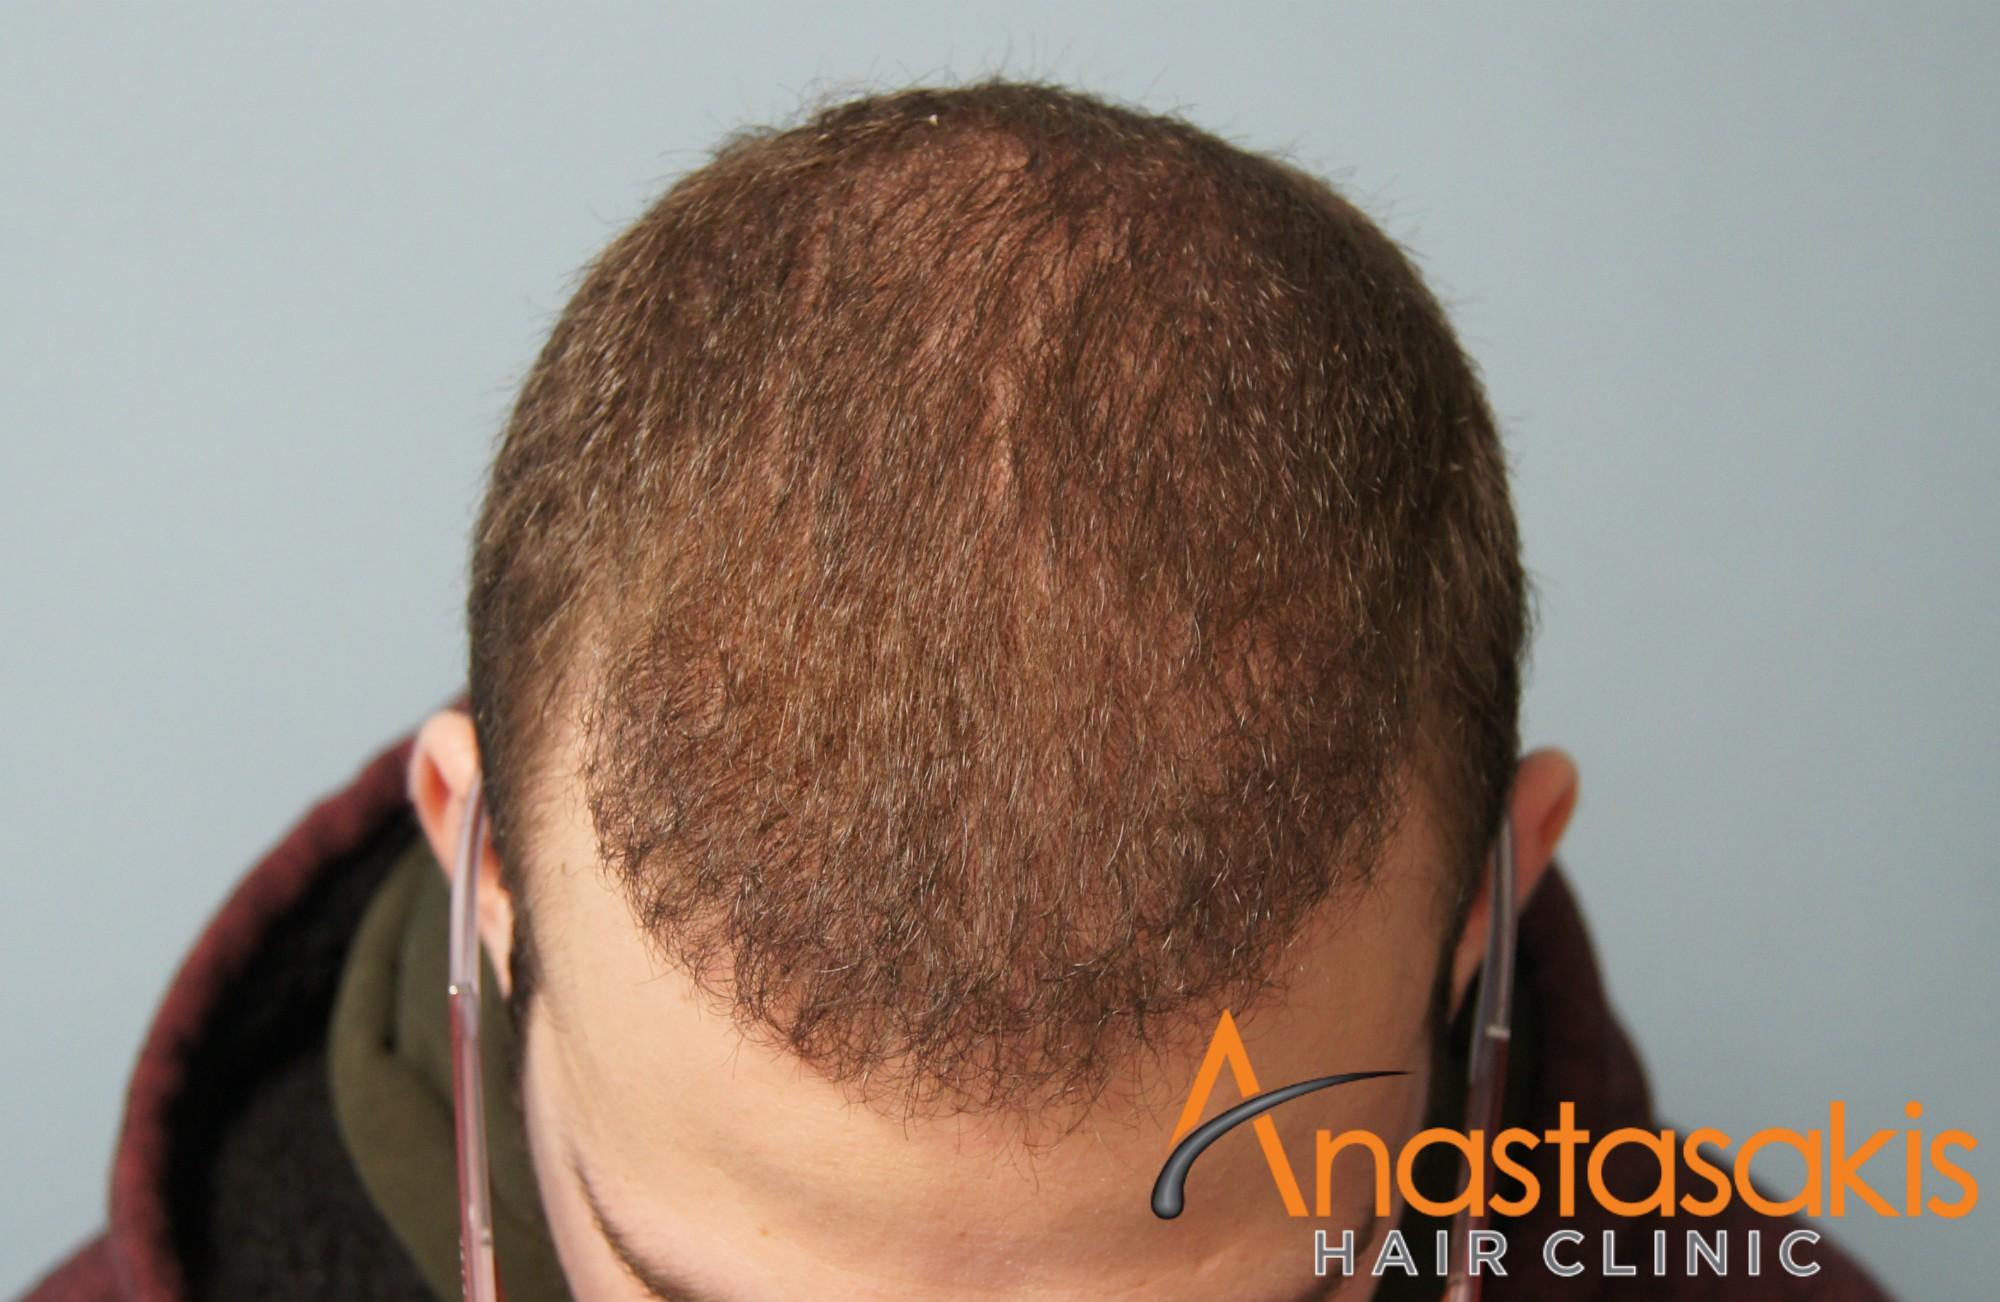 άνδρας μετά την εμφύτευση μαλλιών fut με 1500fus front